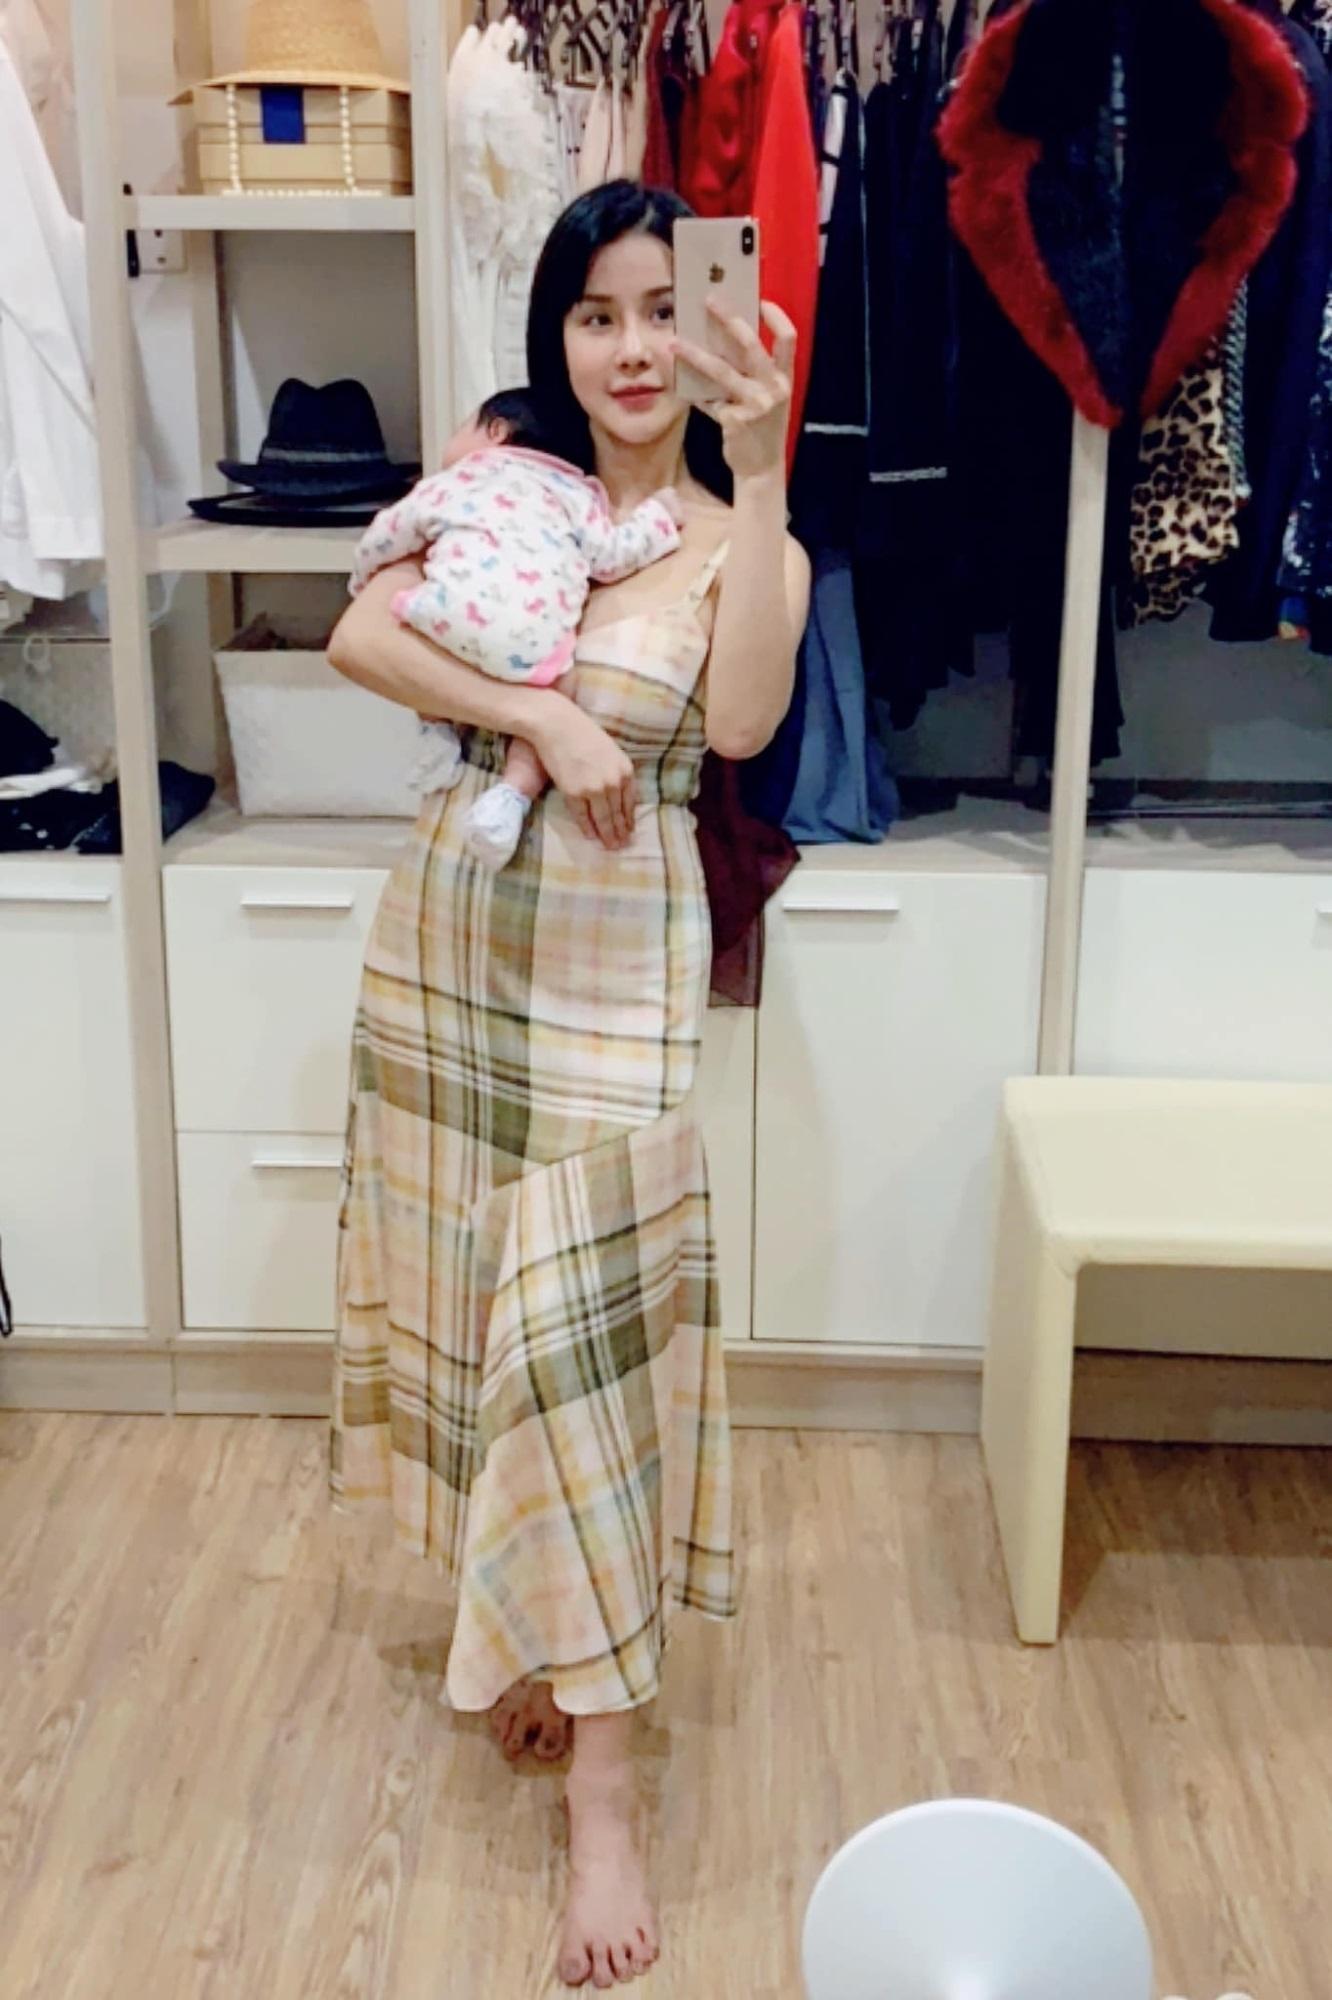 Diệp Lâm Anh khoe ảnh con gái 1 tháng tuổi, fan ngưỡng mộ vóc dáng sau sinh - Ảnh 1